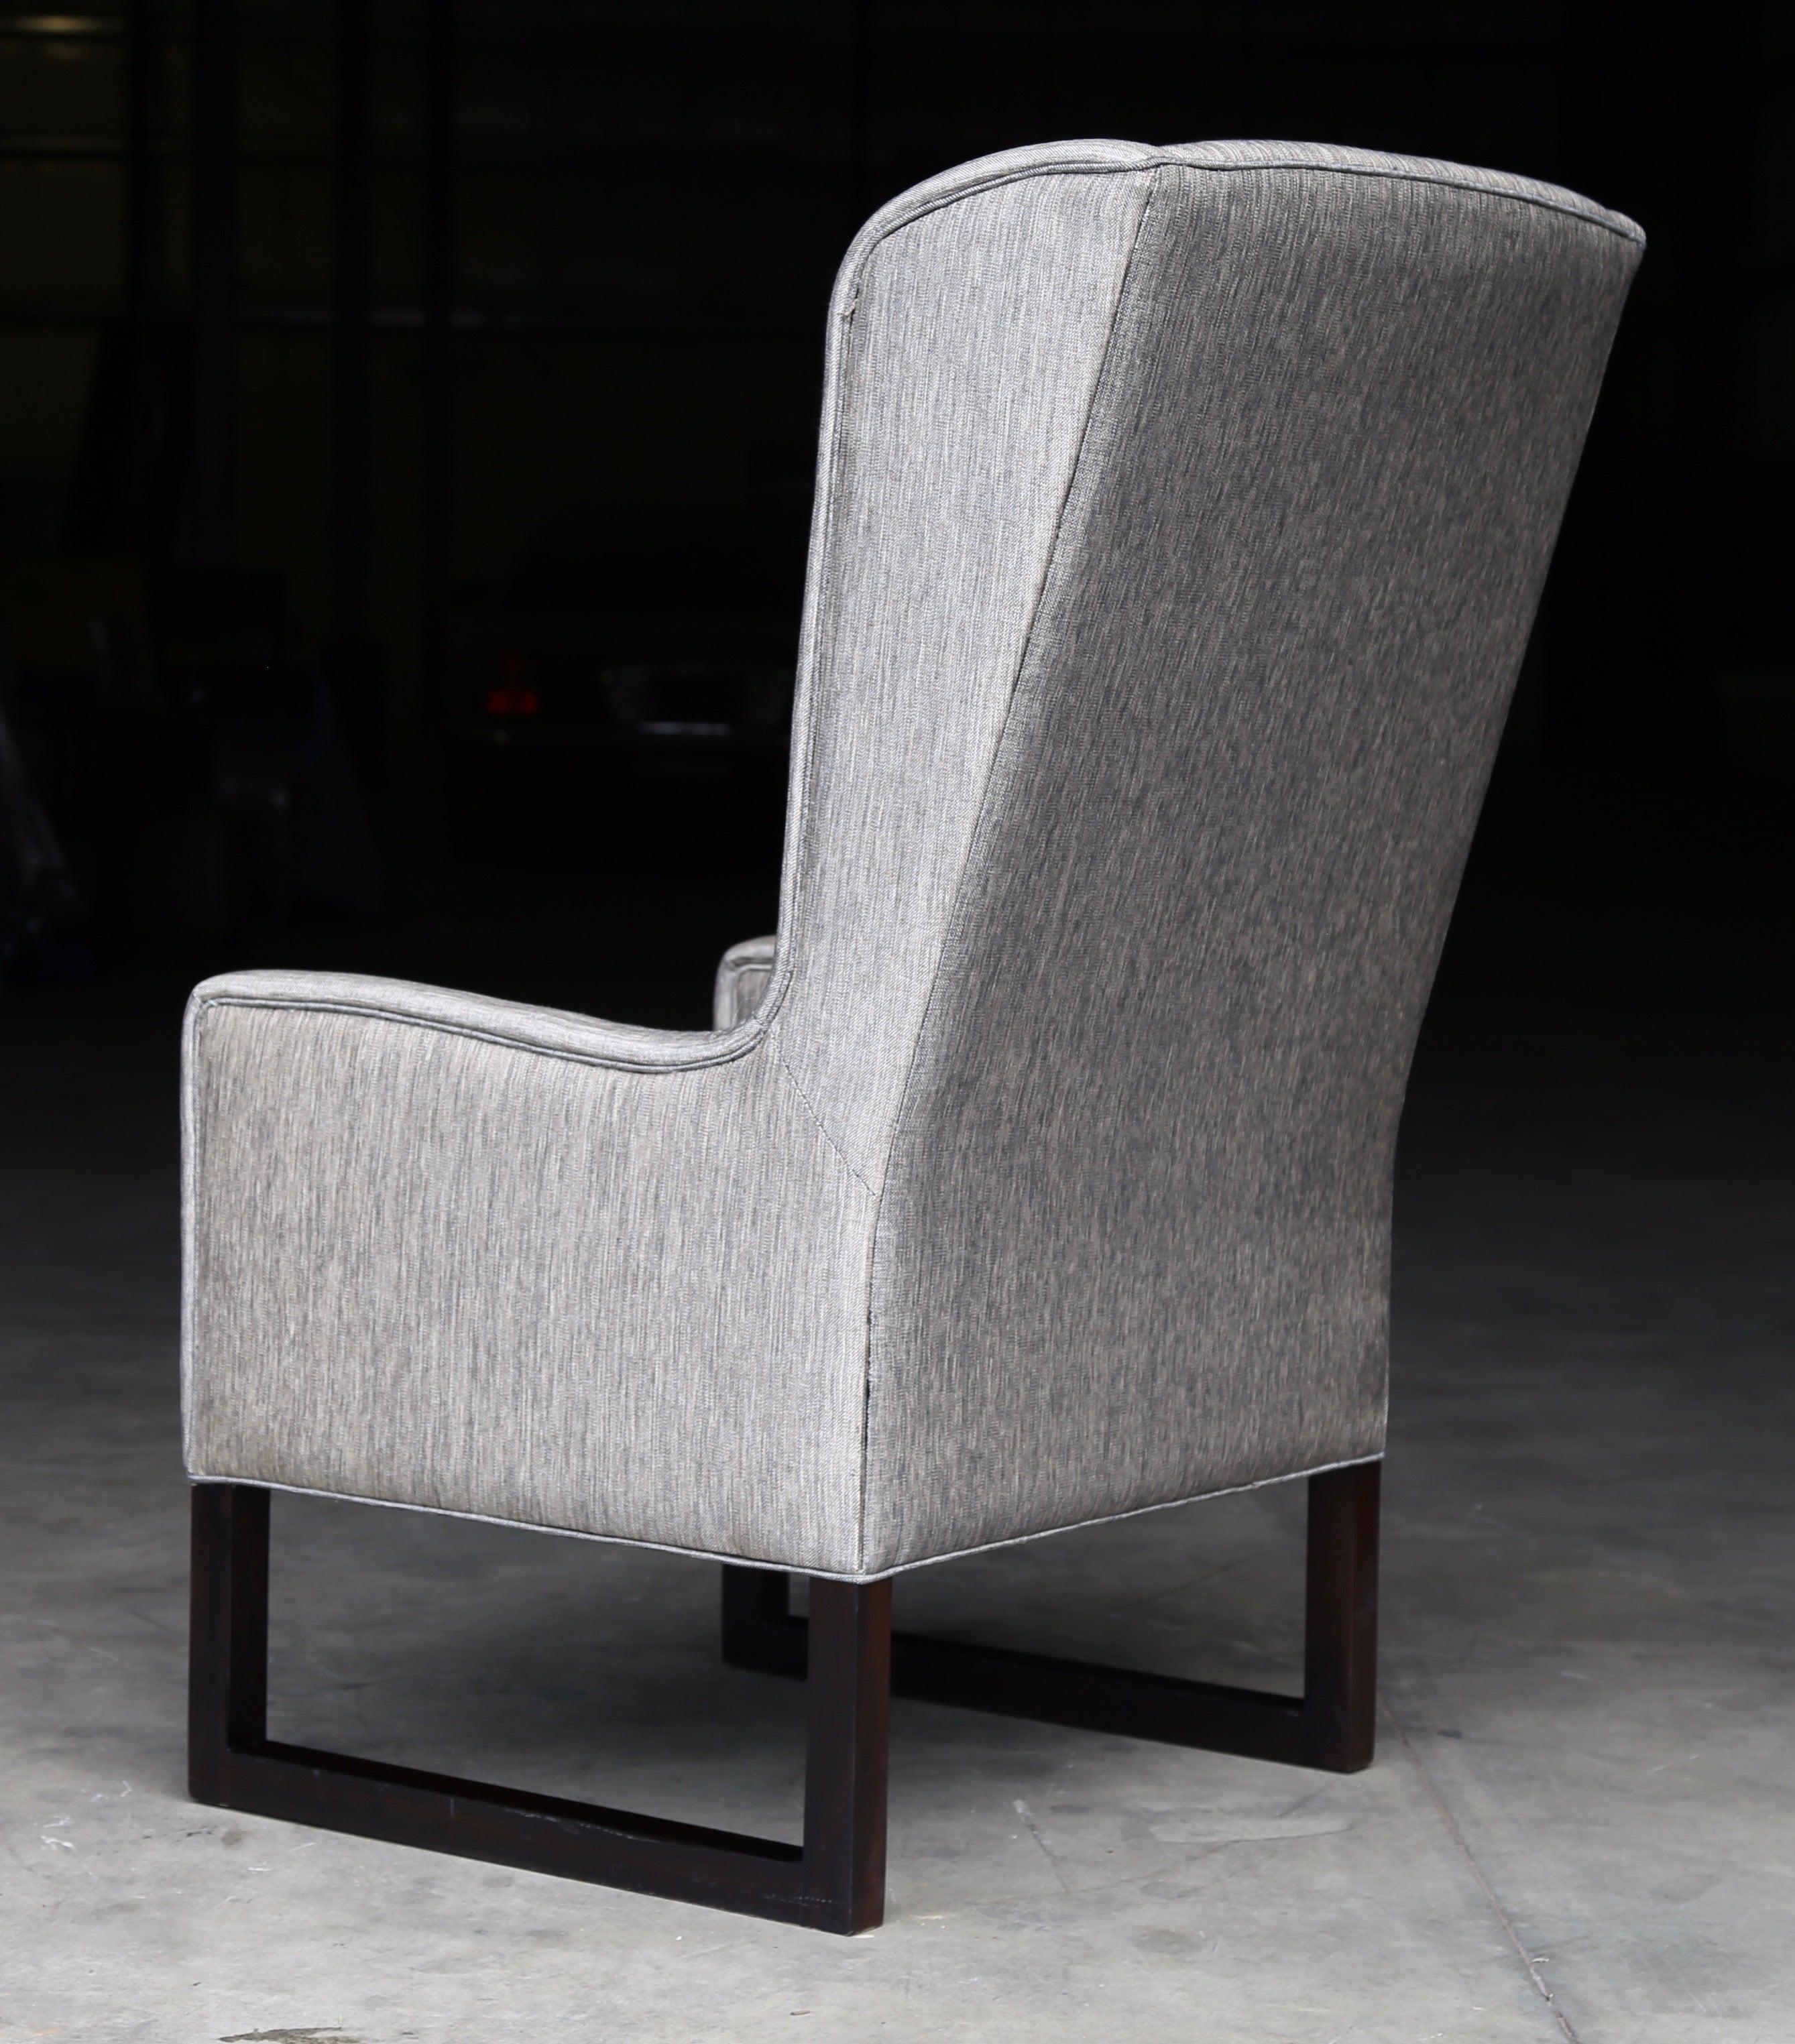 Strange Matteo High Back Wing Chair In Kravet Fabric From Costantini Short Links Chair Design For Home Short Linksinfo